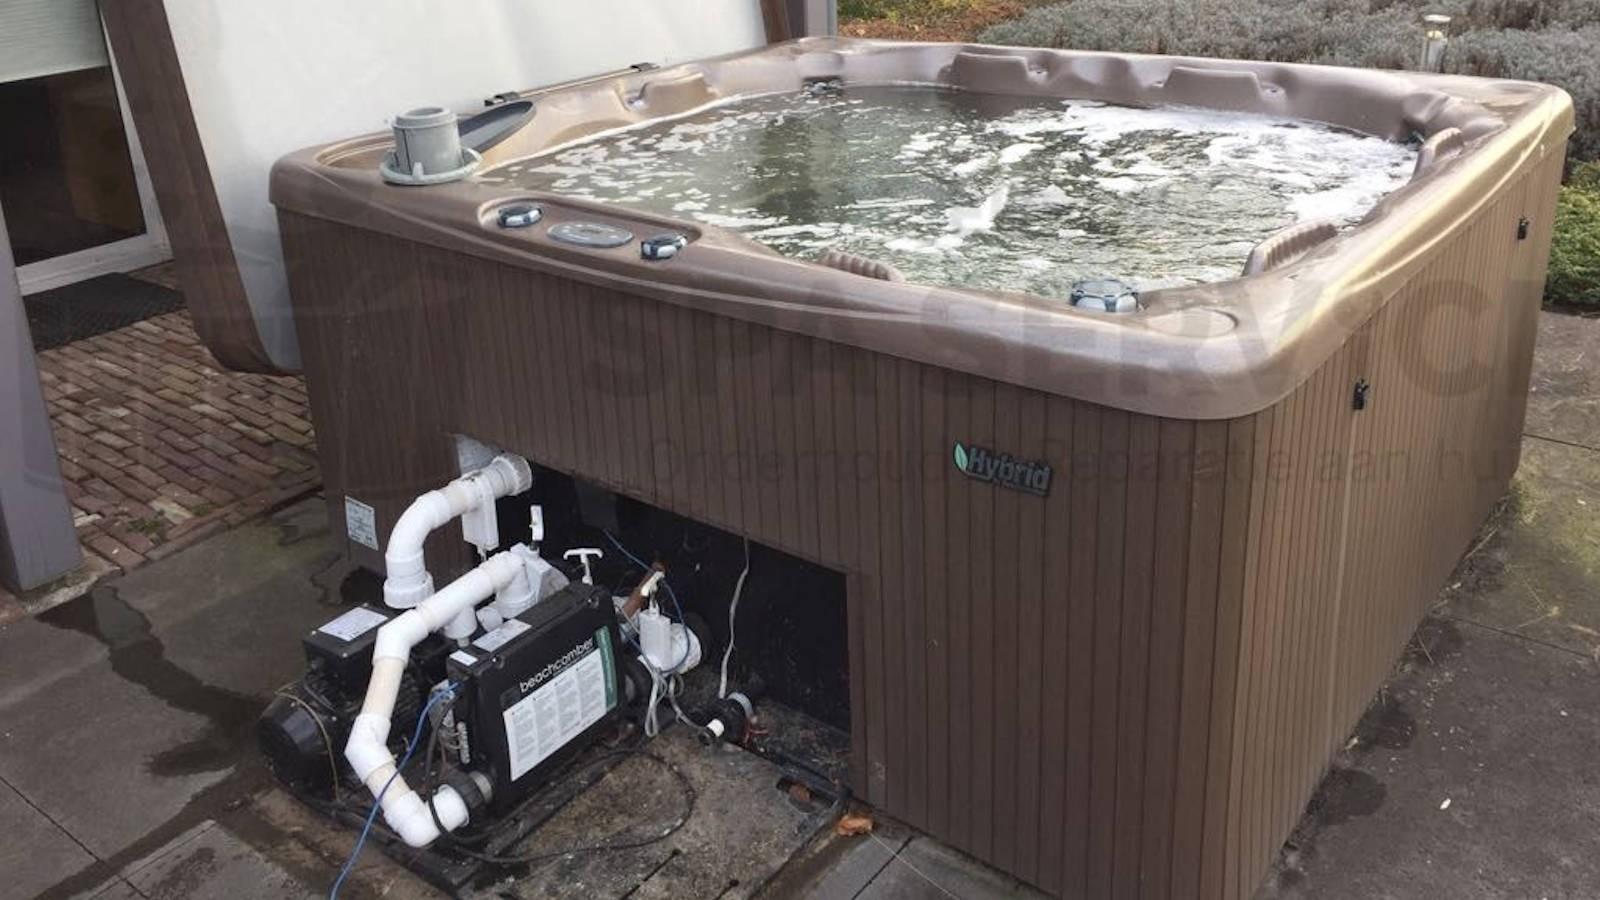 Circulatiepomp vervangen en Beachcomber Hybrid spa schoongemaakt in Herwijnen